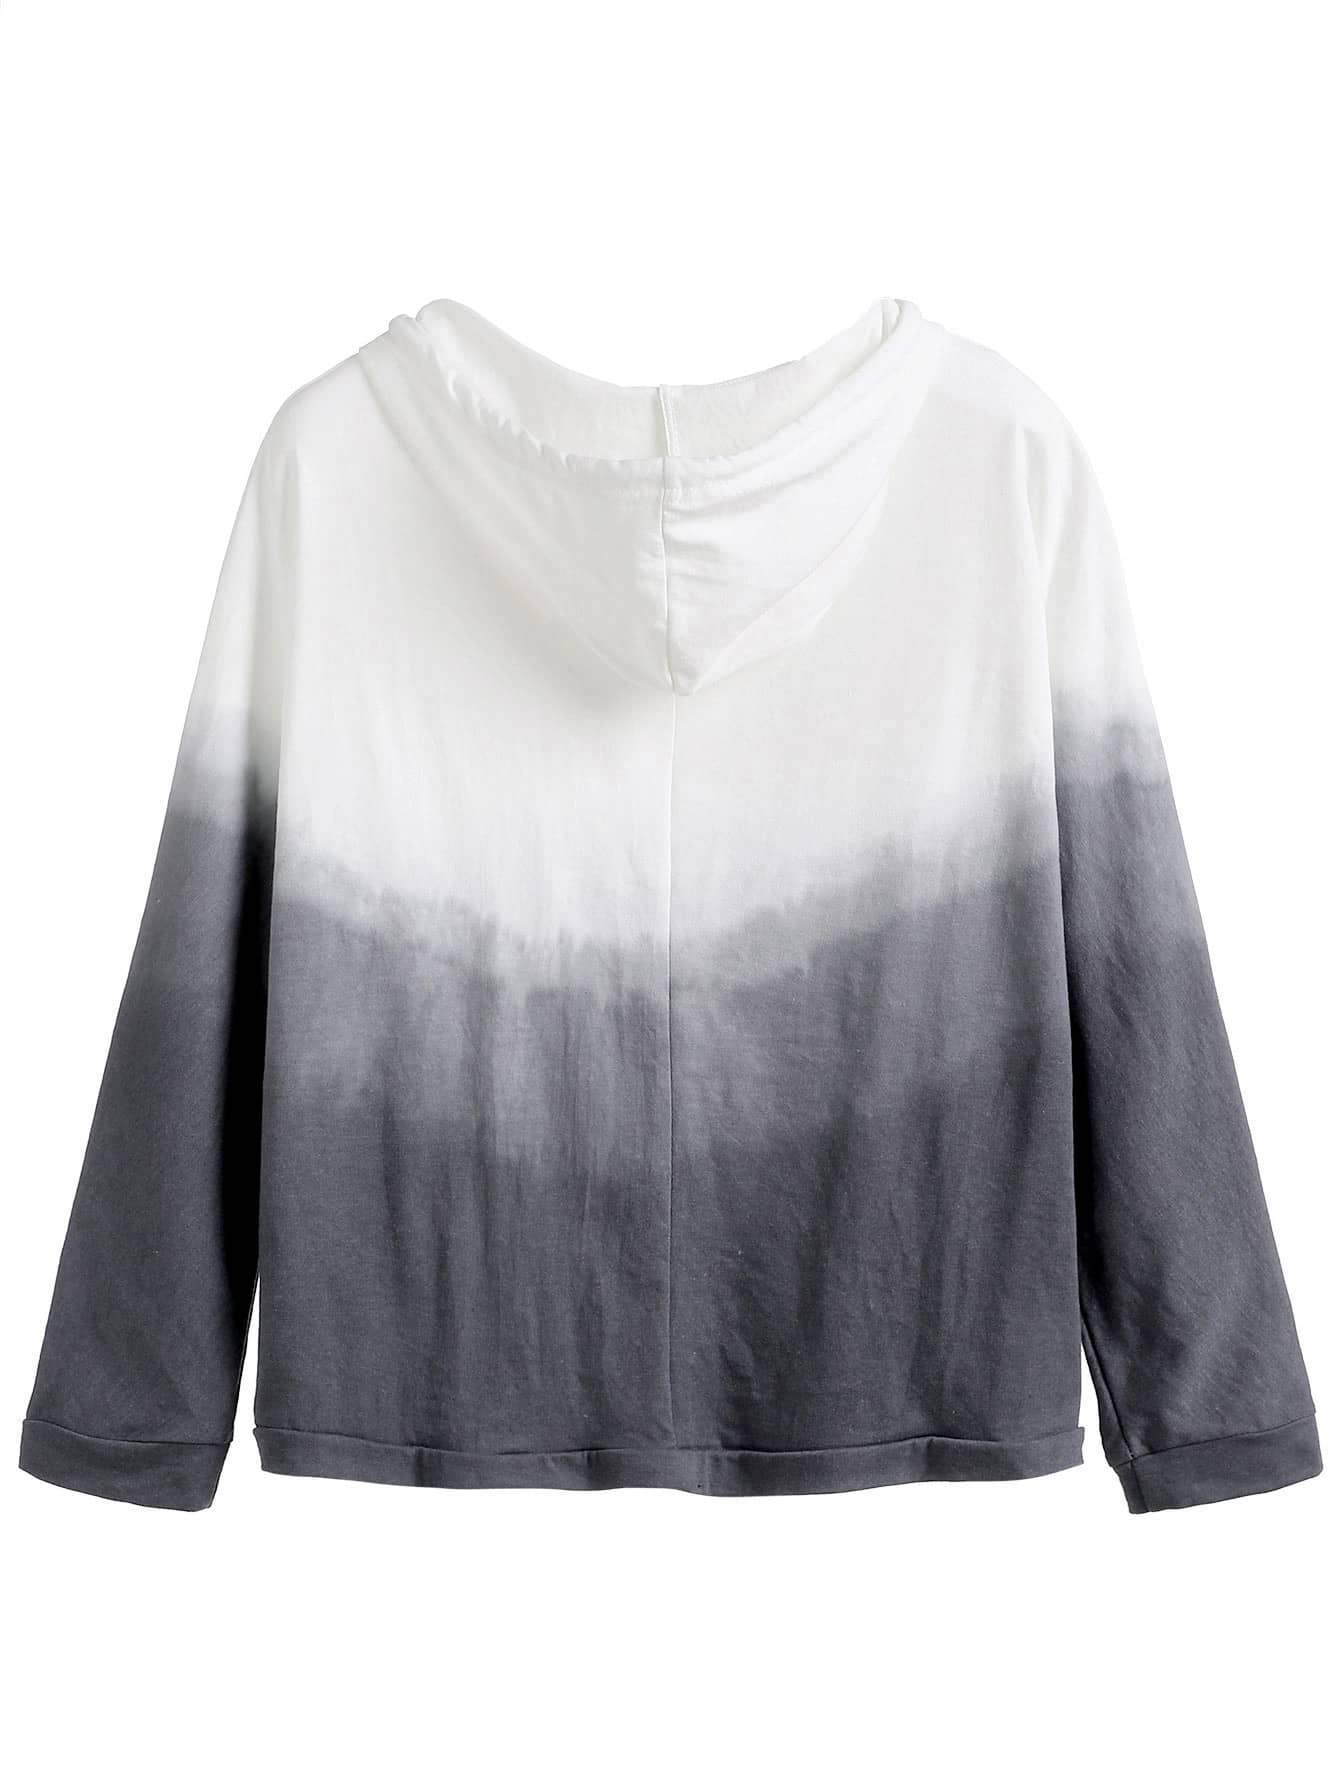 sweatshirt160830024_2